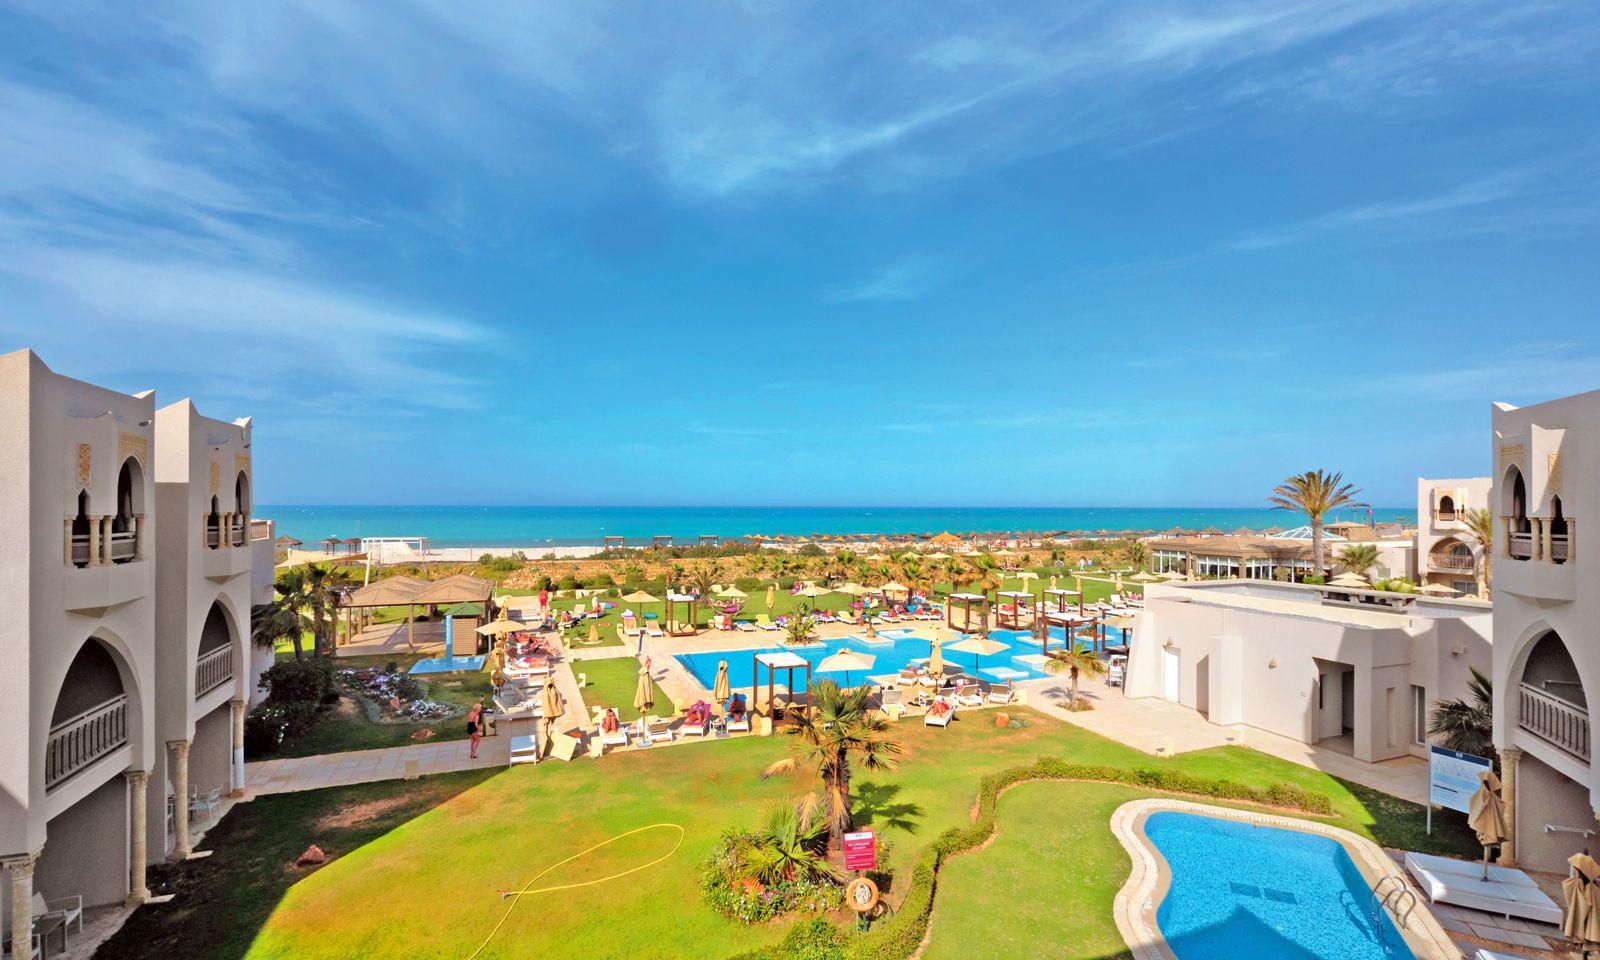 Badeurlaub. Die Küste säumen Hotelanlagen, hier das Blue Palm Beach.